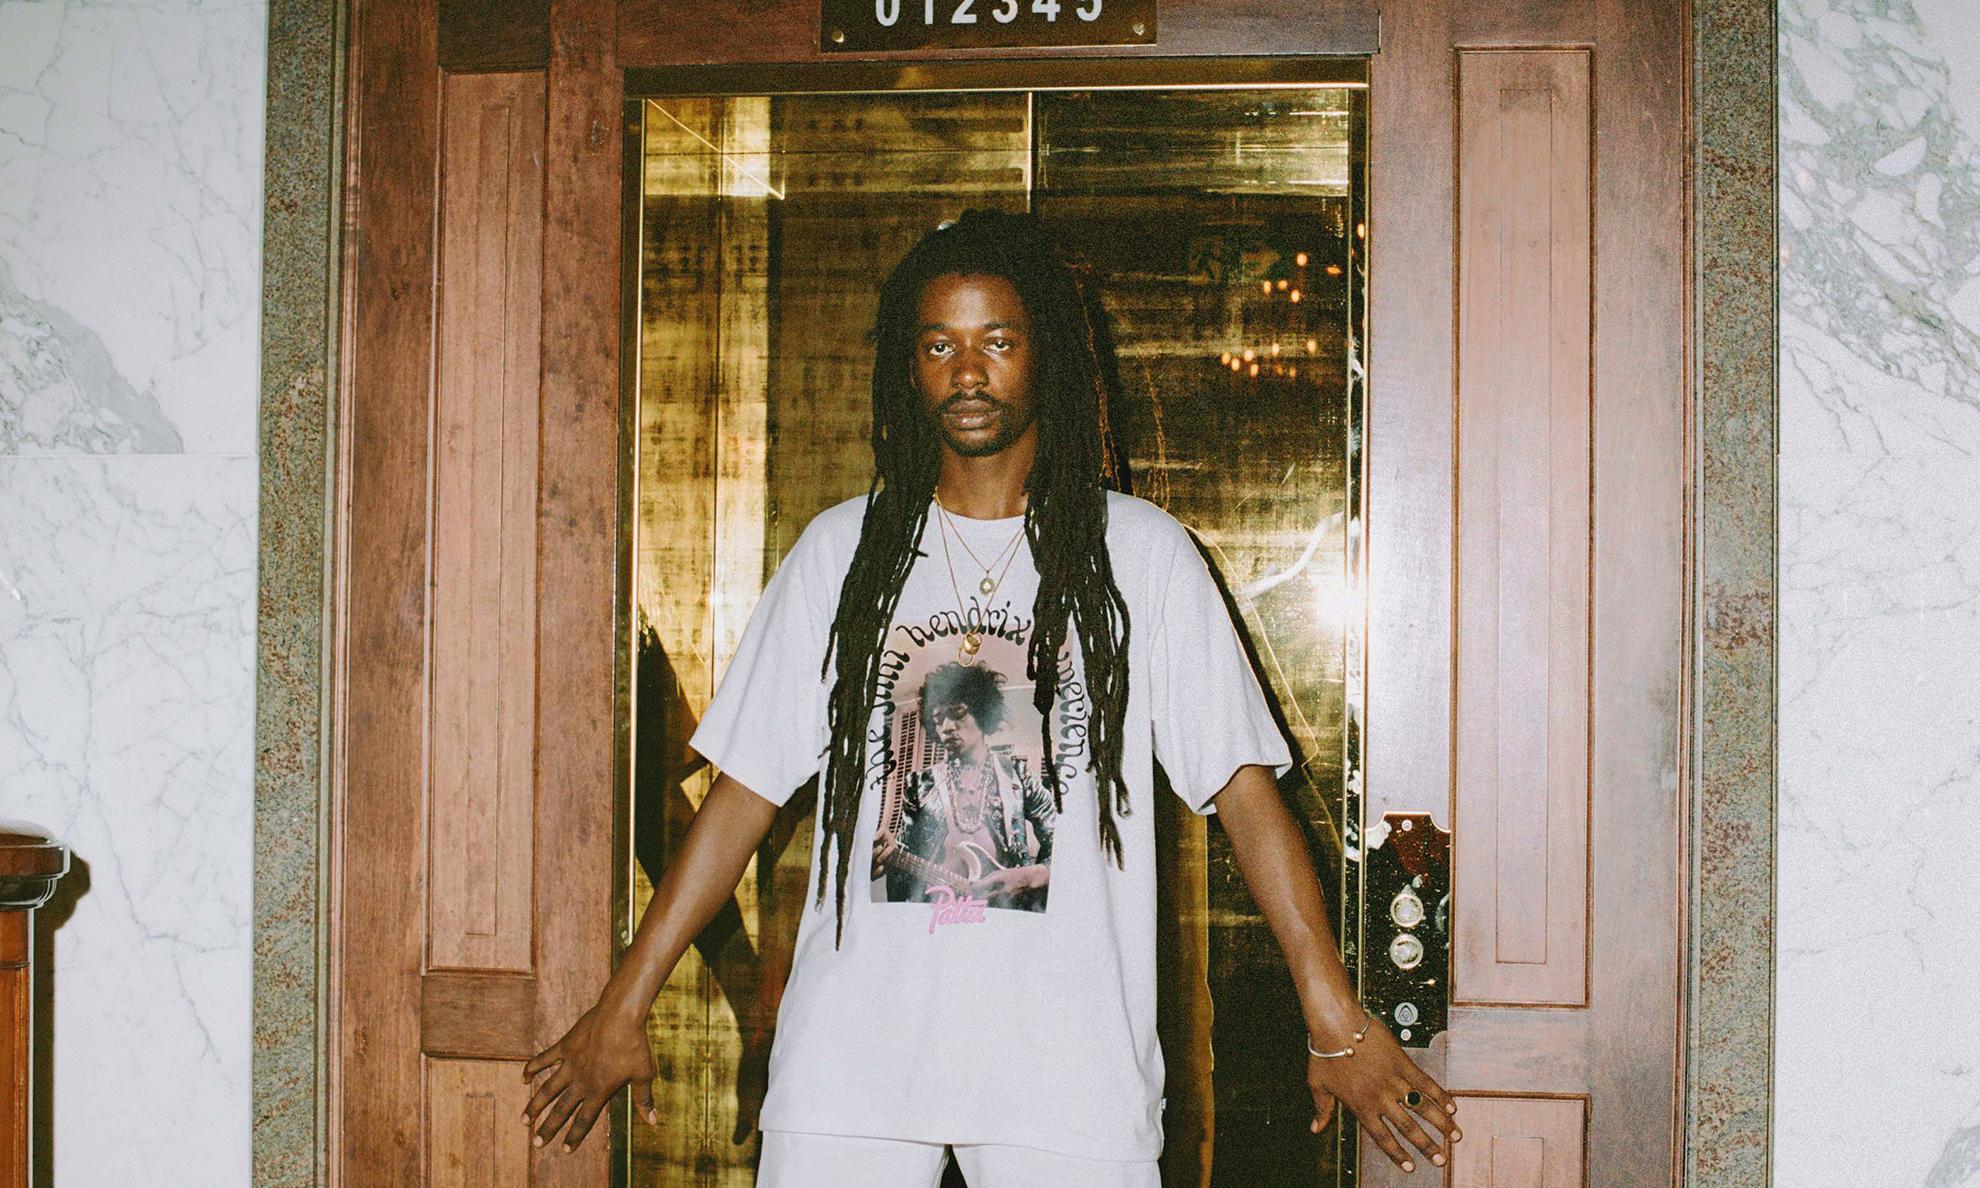 Patta x 传奇吉他手 Jimi Hendrix 发布全新联名服装系列